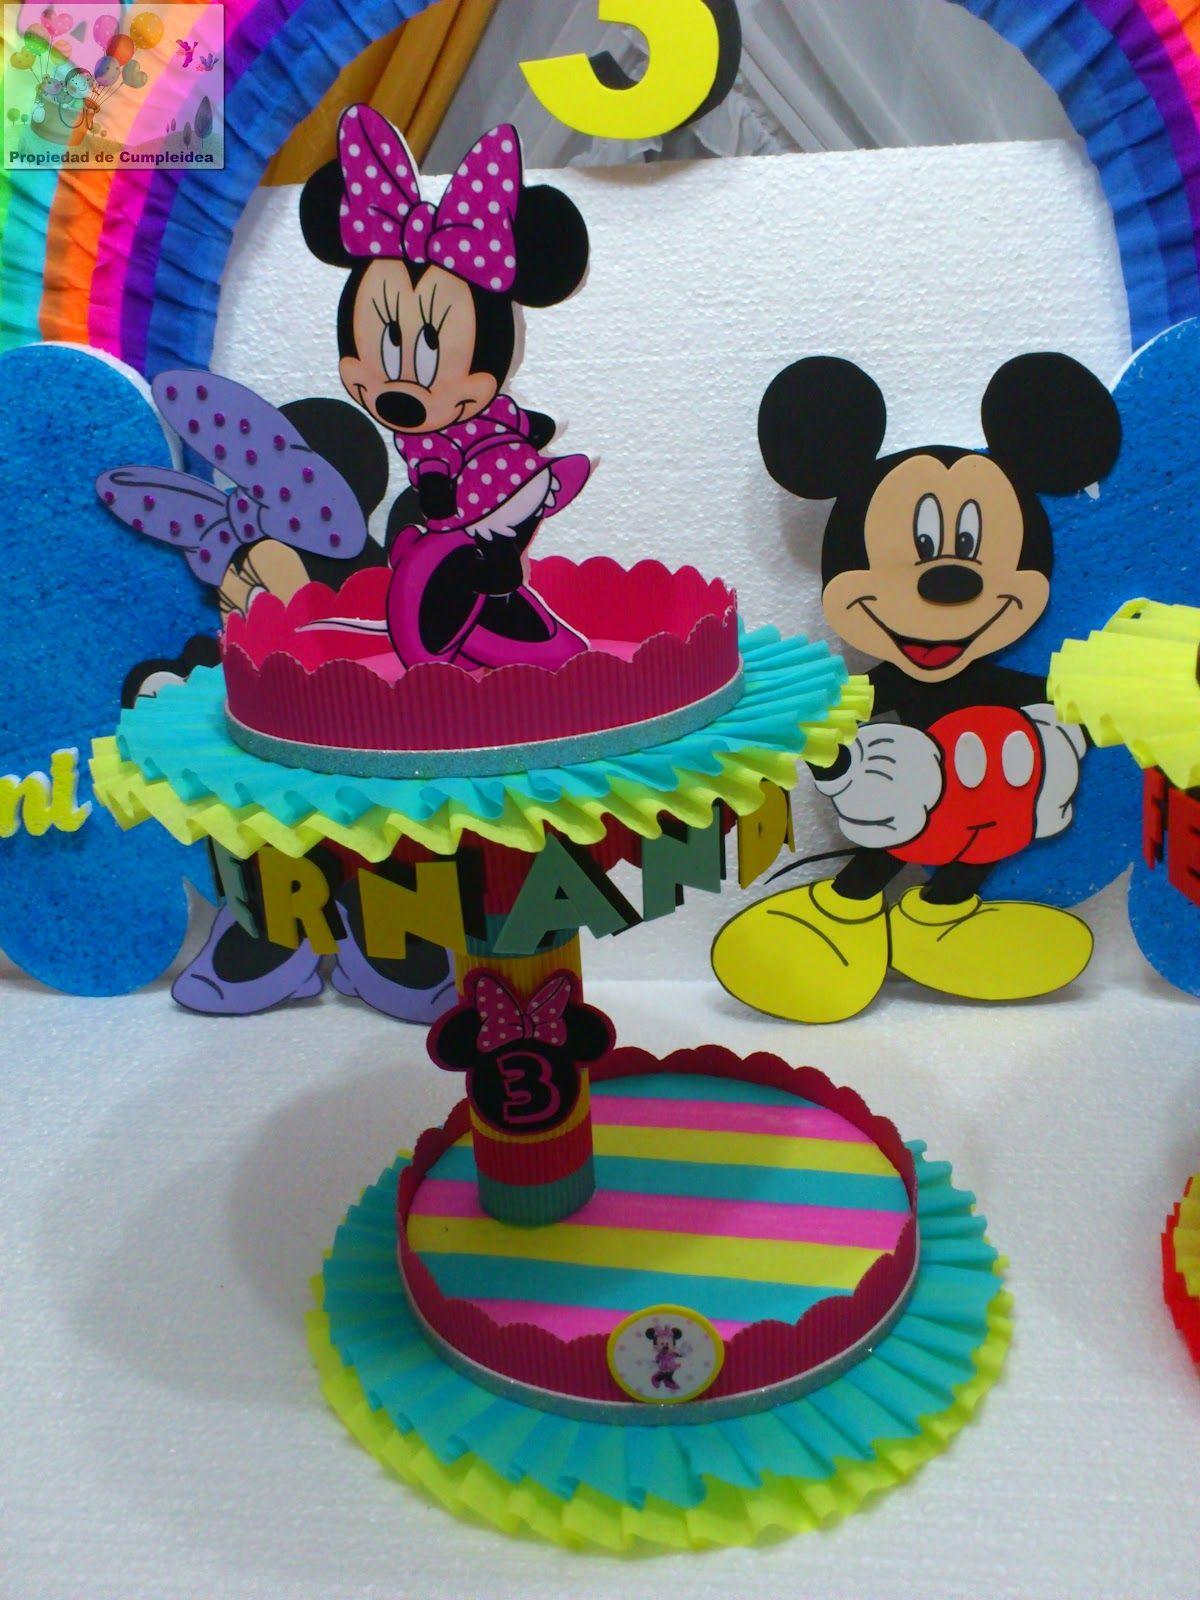 Decoraciones infantiles minnie y mickey mouse - Decoracion para fiestas infantiles mickey mouse ...